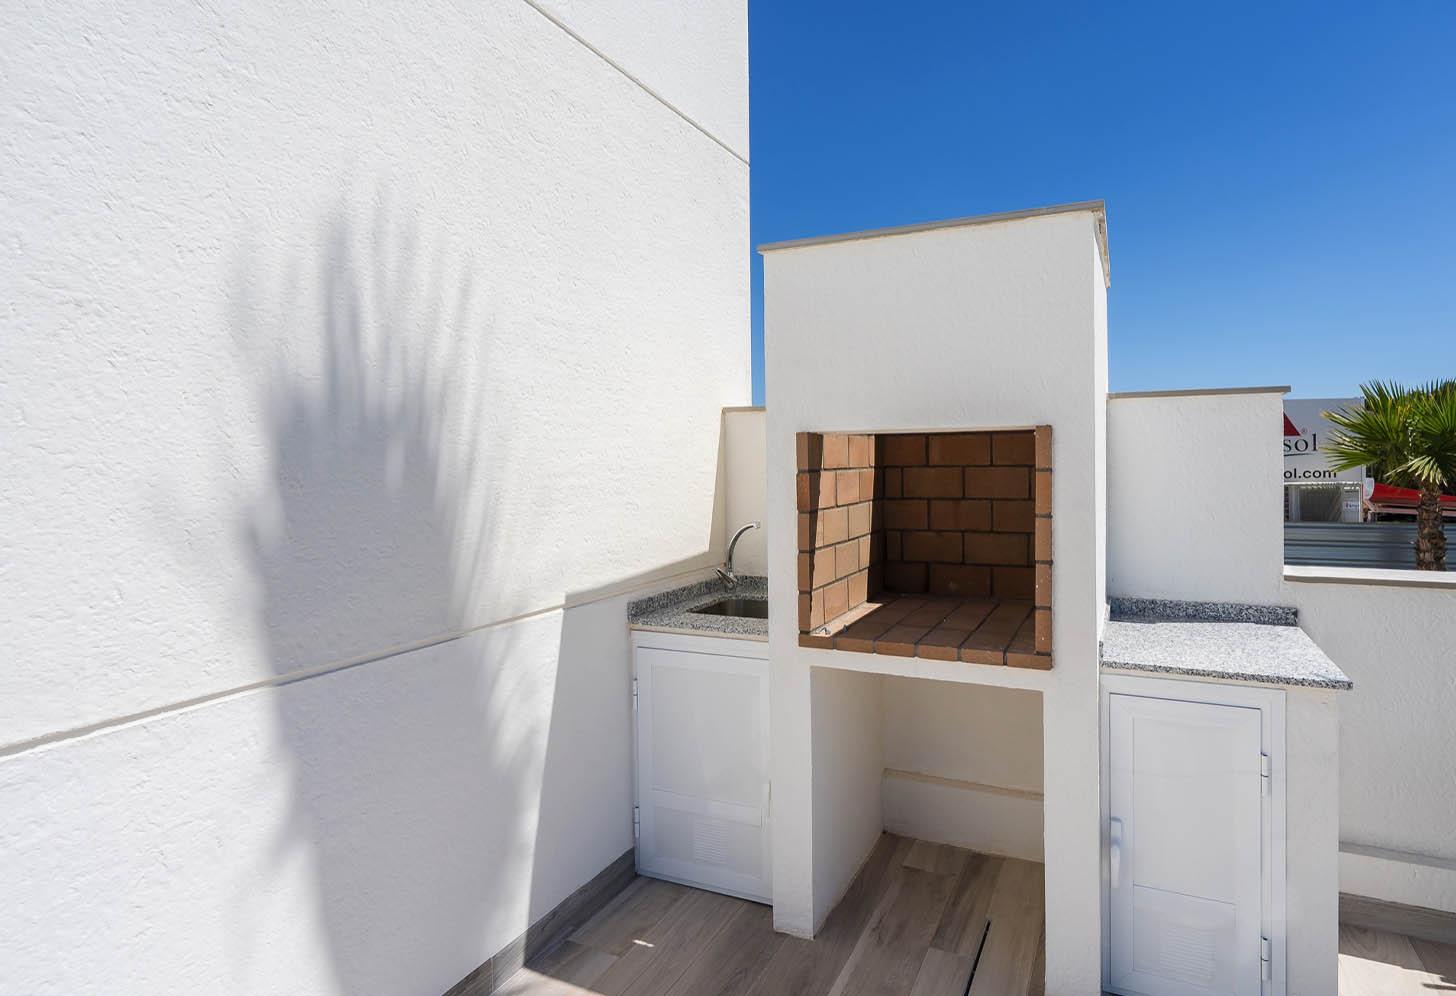 immobilier neuf espagne costa blanca on-c1 laguna beach exterieur